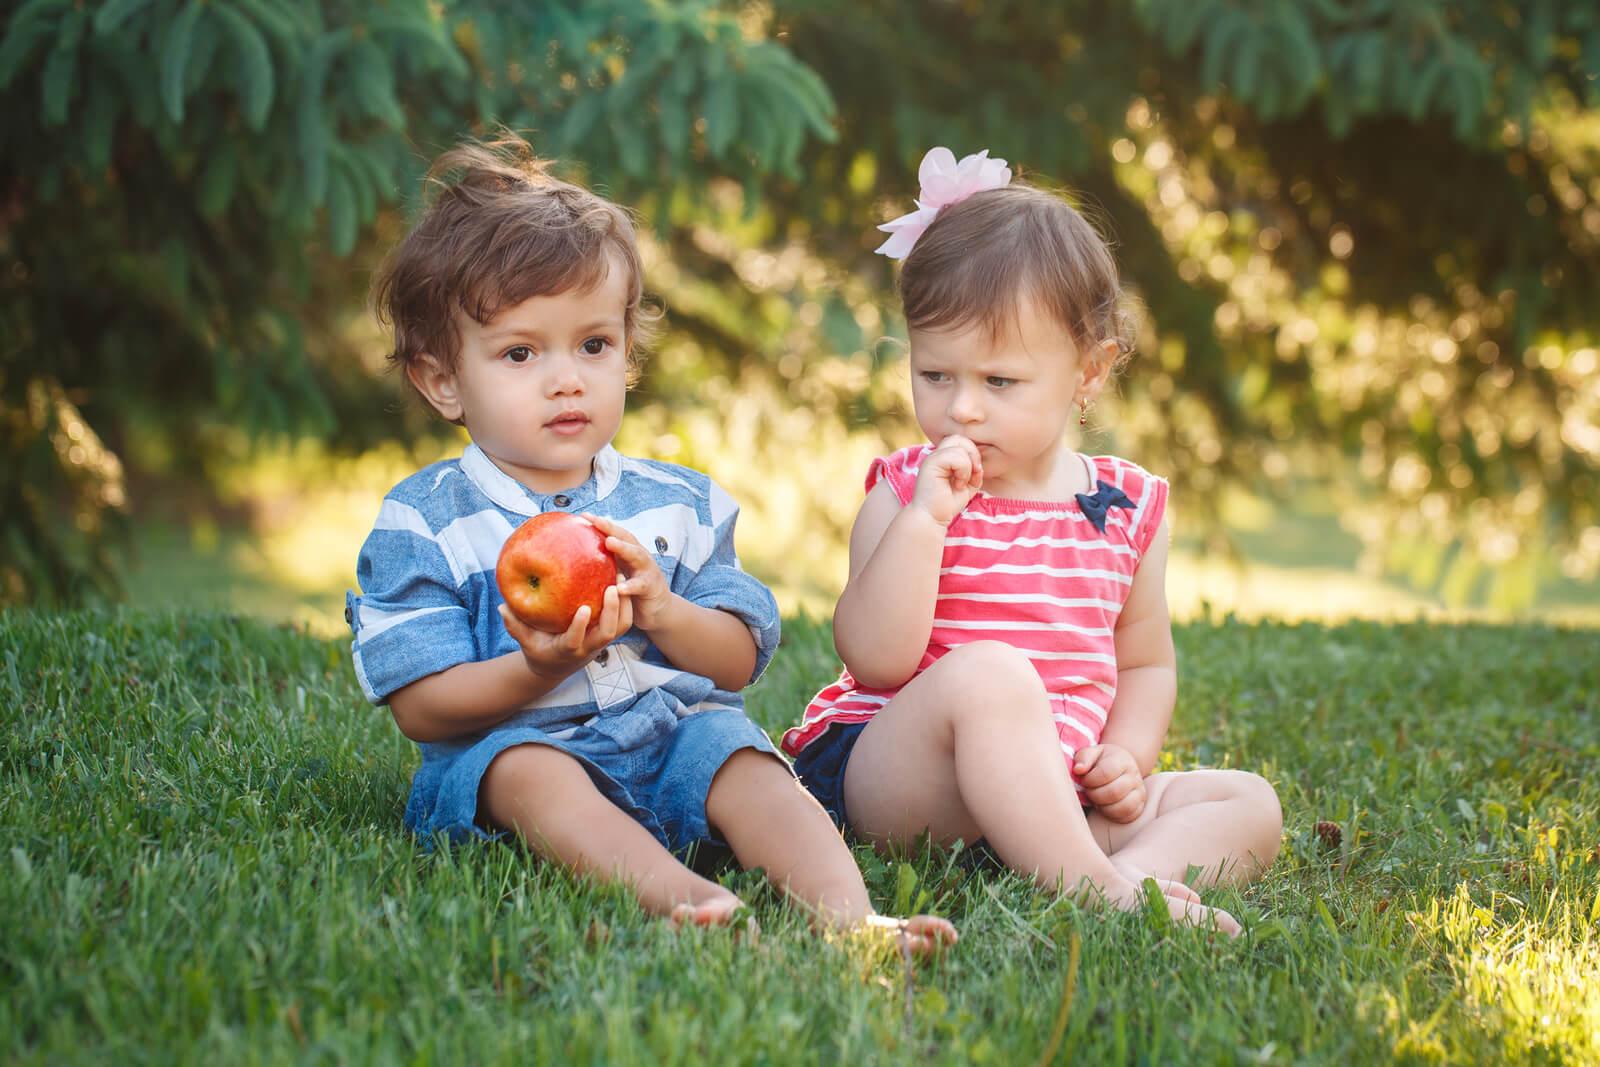 Niña teniendo envidia de su amigo porque tiene una manzana y ella no.